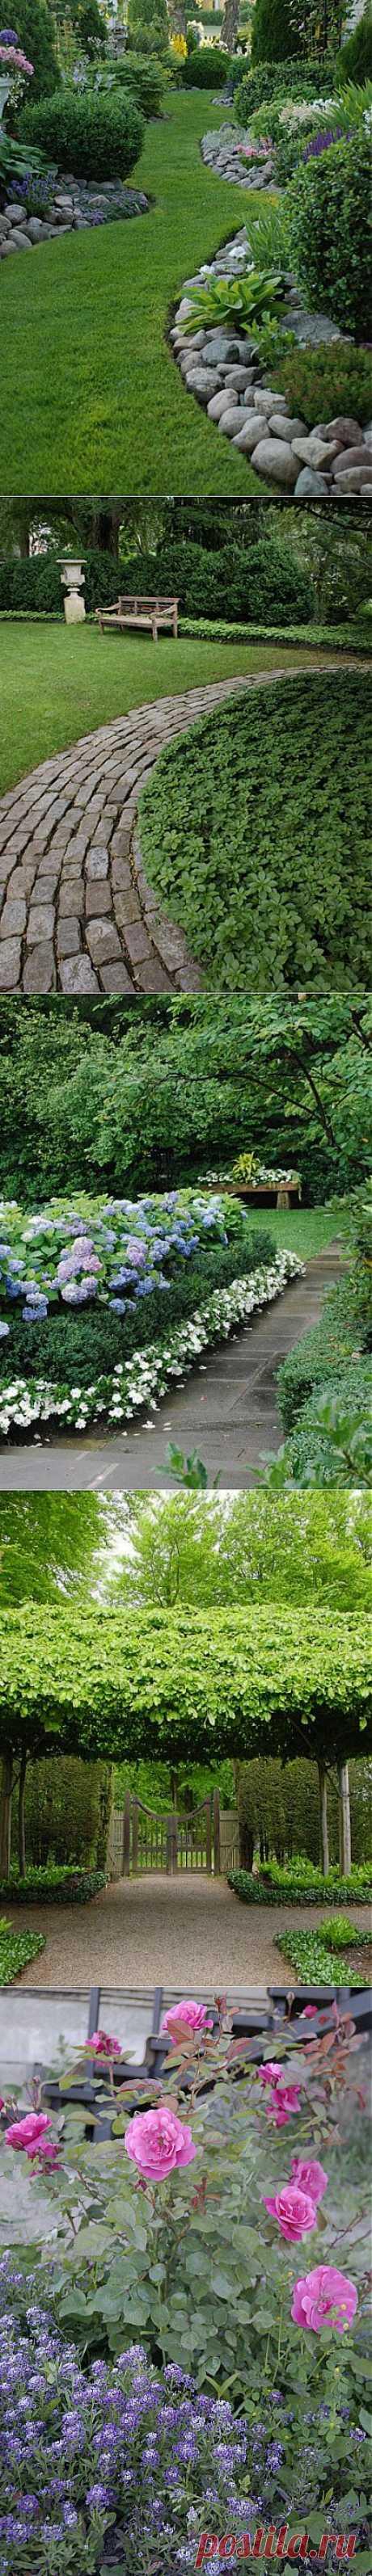 Красивый дизайн сада своими руками: 10 главных секретов | ВСЁ ДЛЯ ДОМА